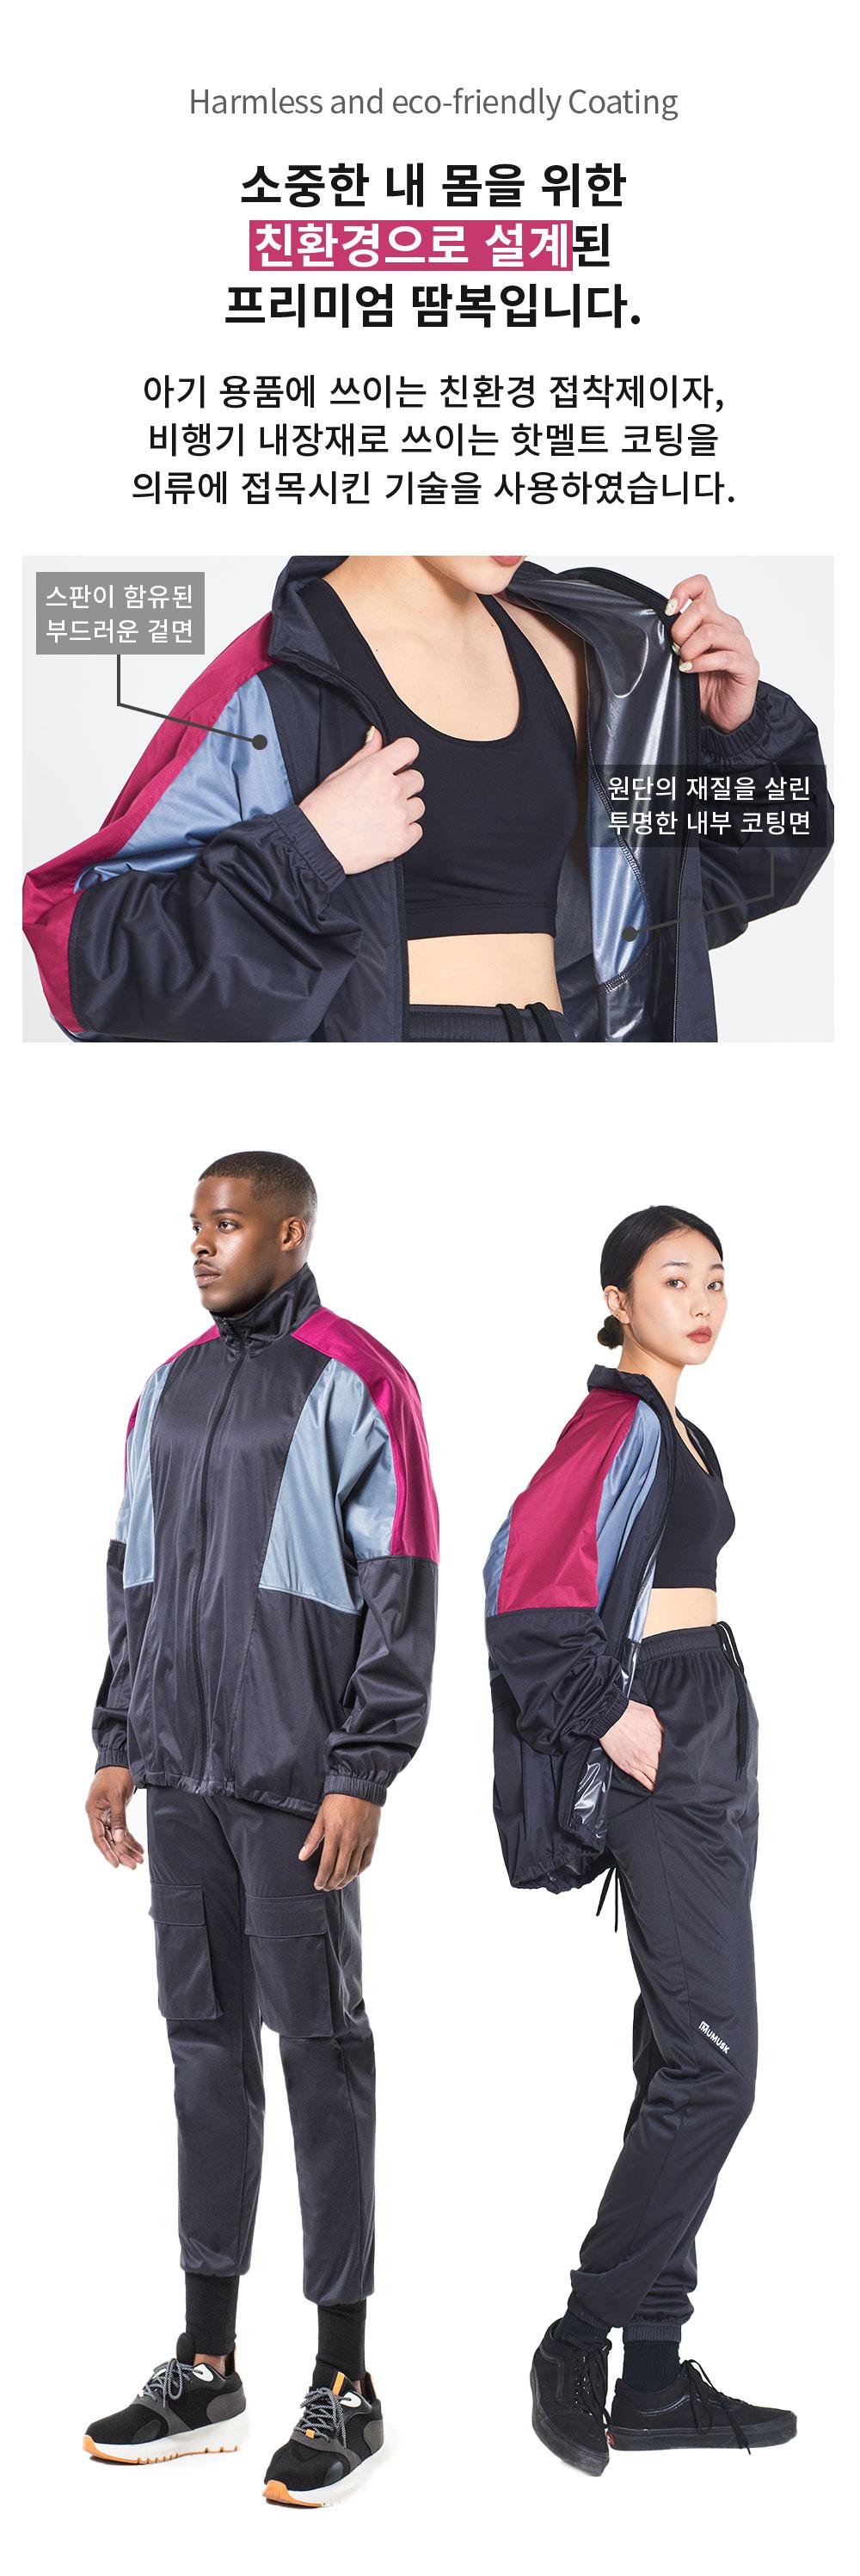 무무스크(MUMUSK) 남자 다이어트 땀복 블랑 자켓